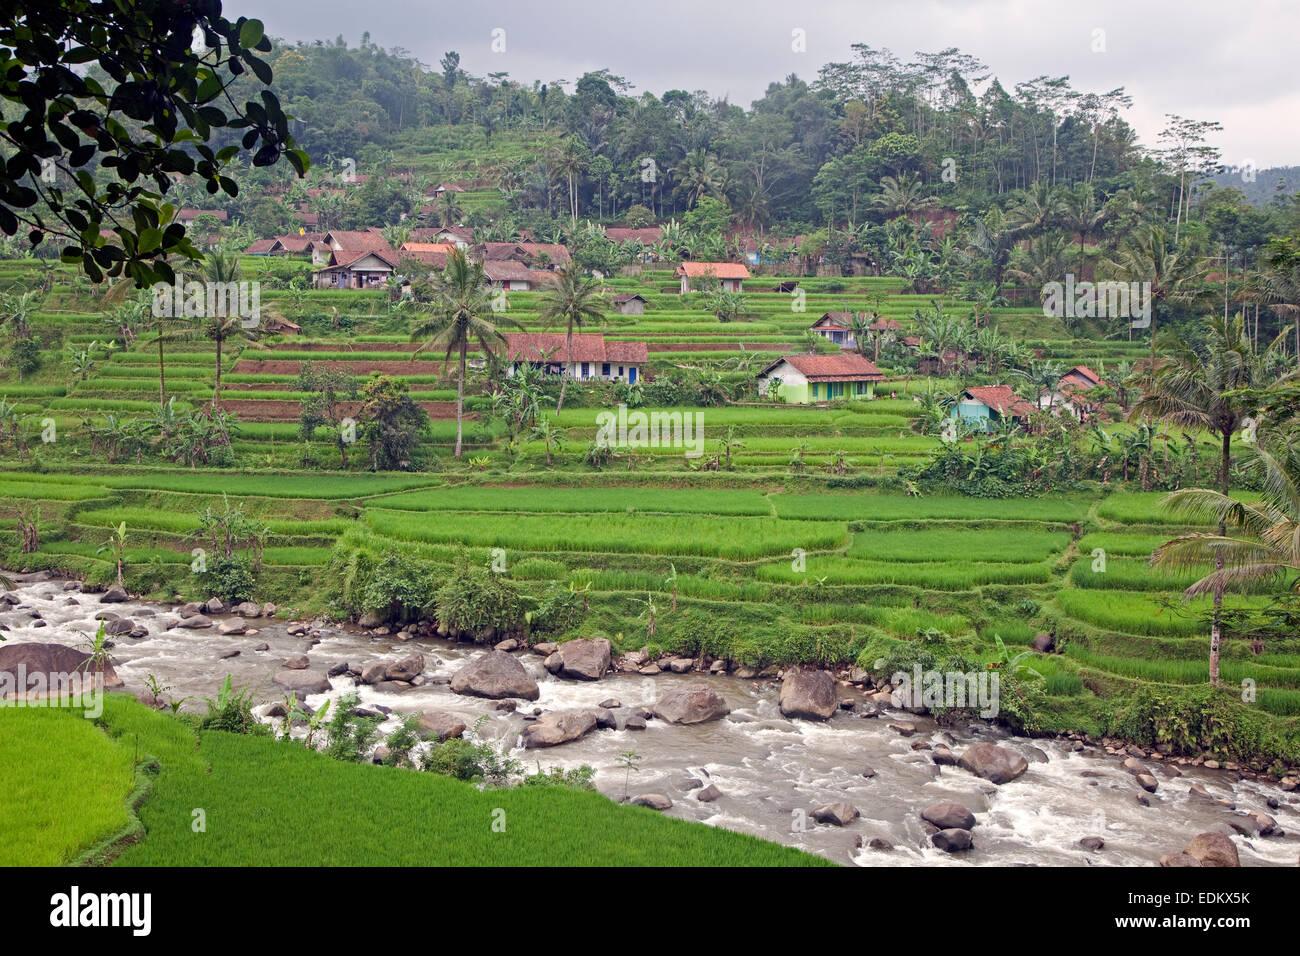 Indonesische ländlichen Dorf und Reis Reisfelder in der Regenzeit, Garut Regency, West-Java, Indonesien Stockbild